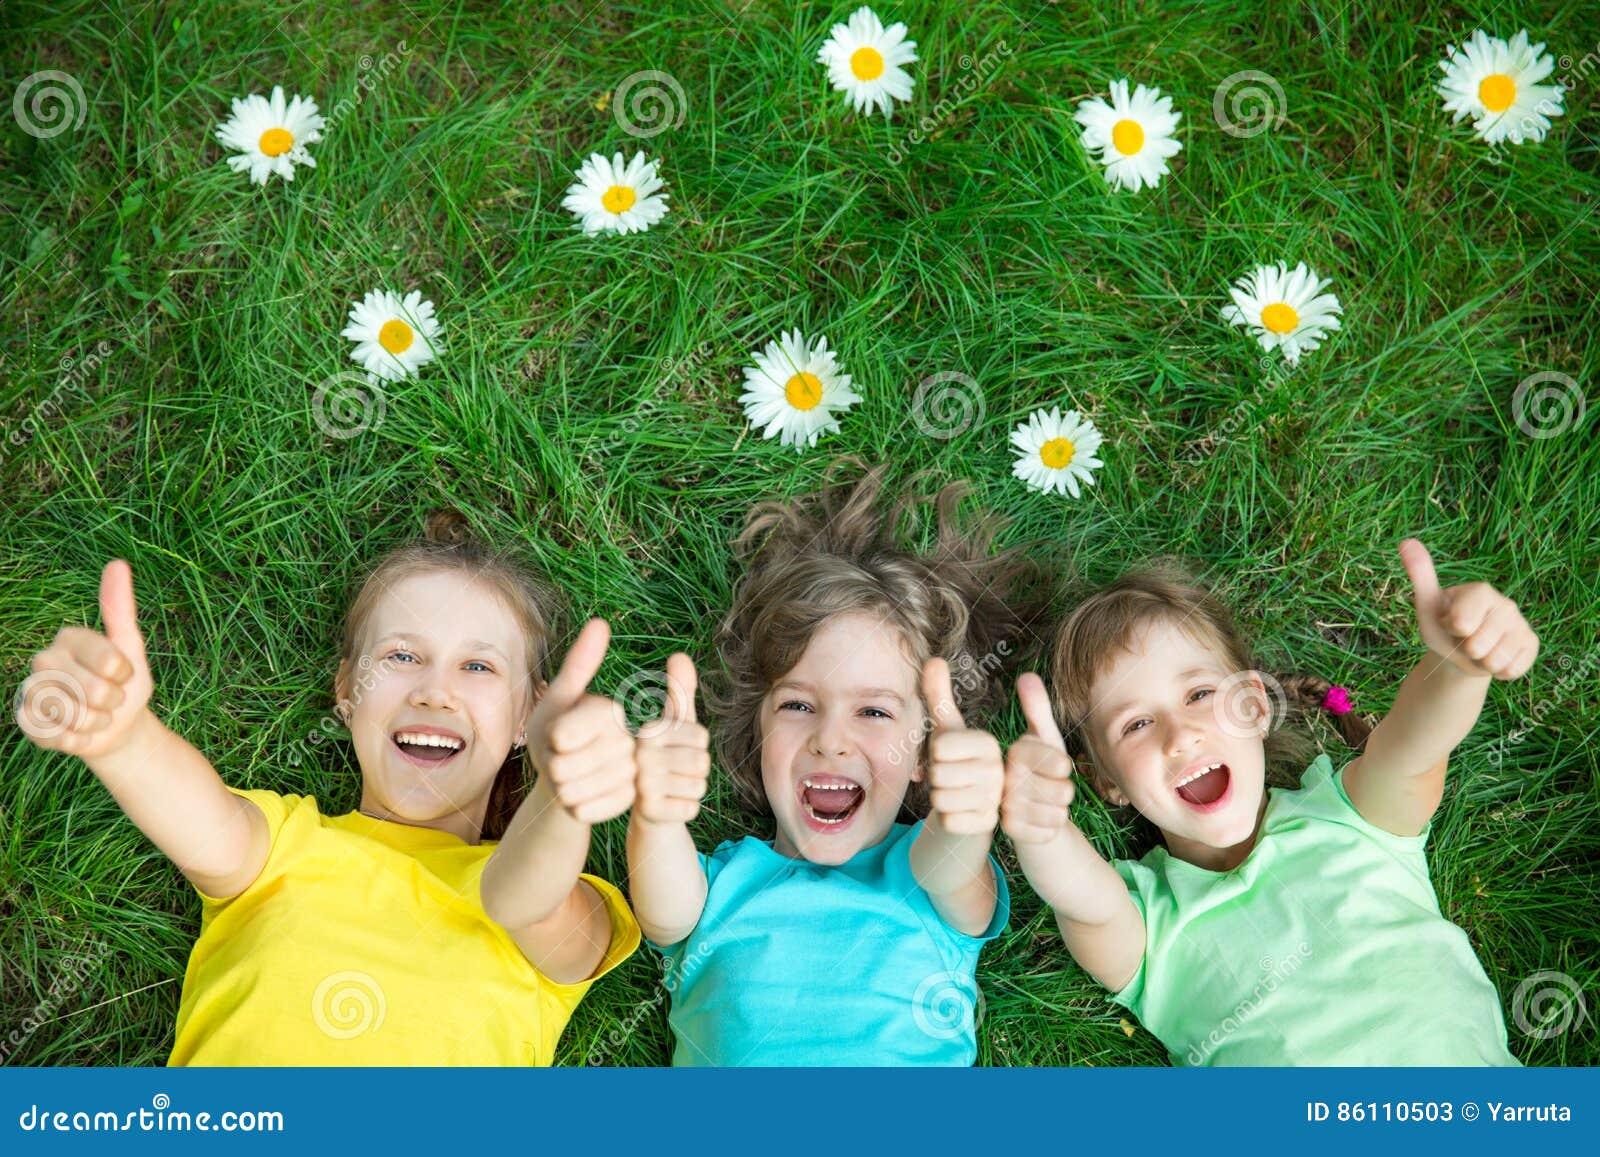 Ομάδα ευτυχών παιδιών που παίζουν υπαίθρια